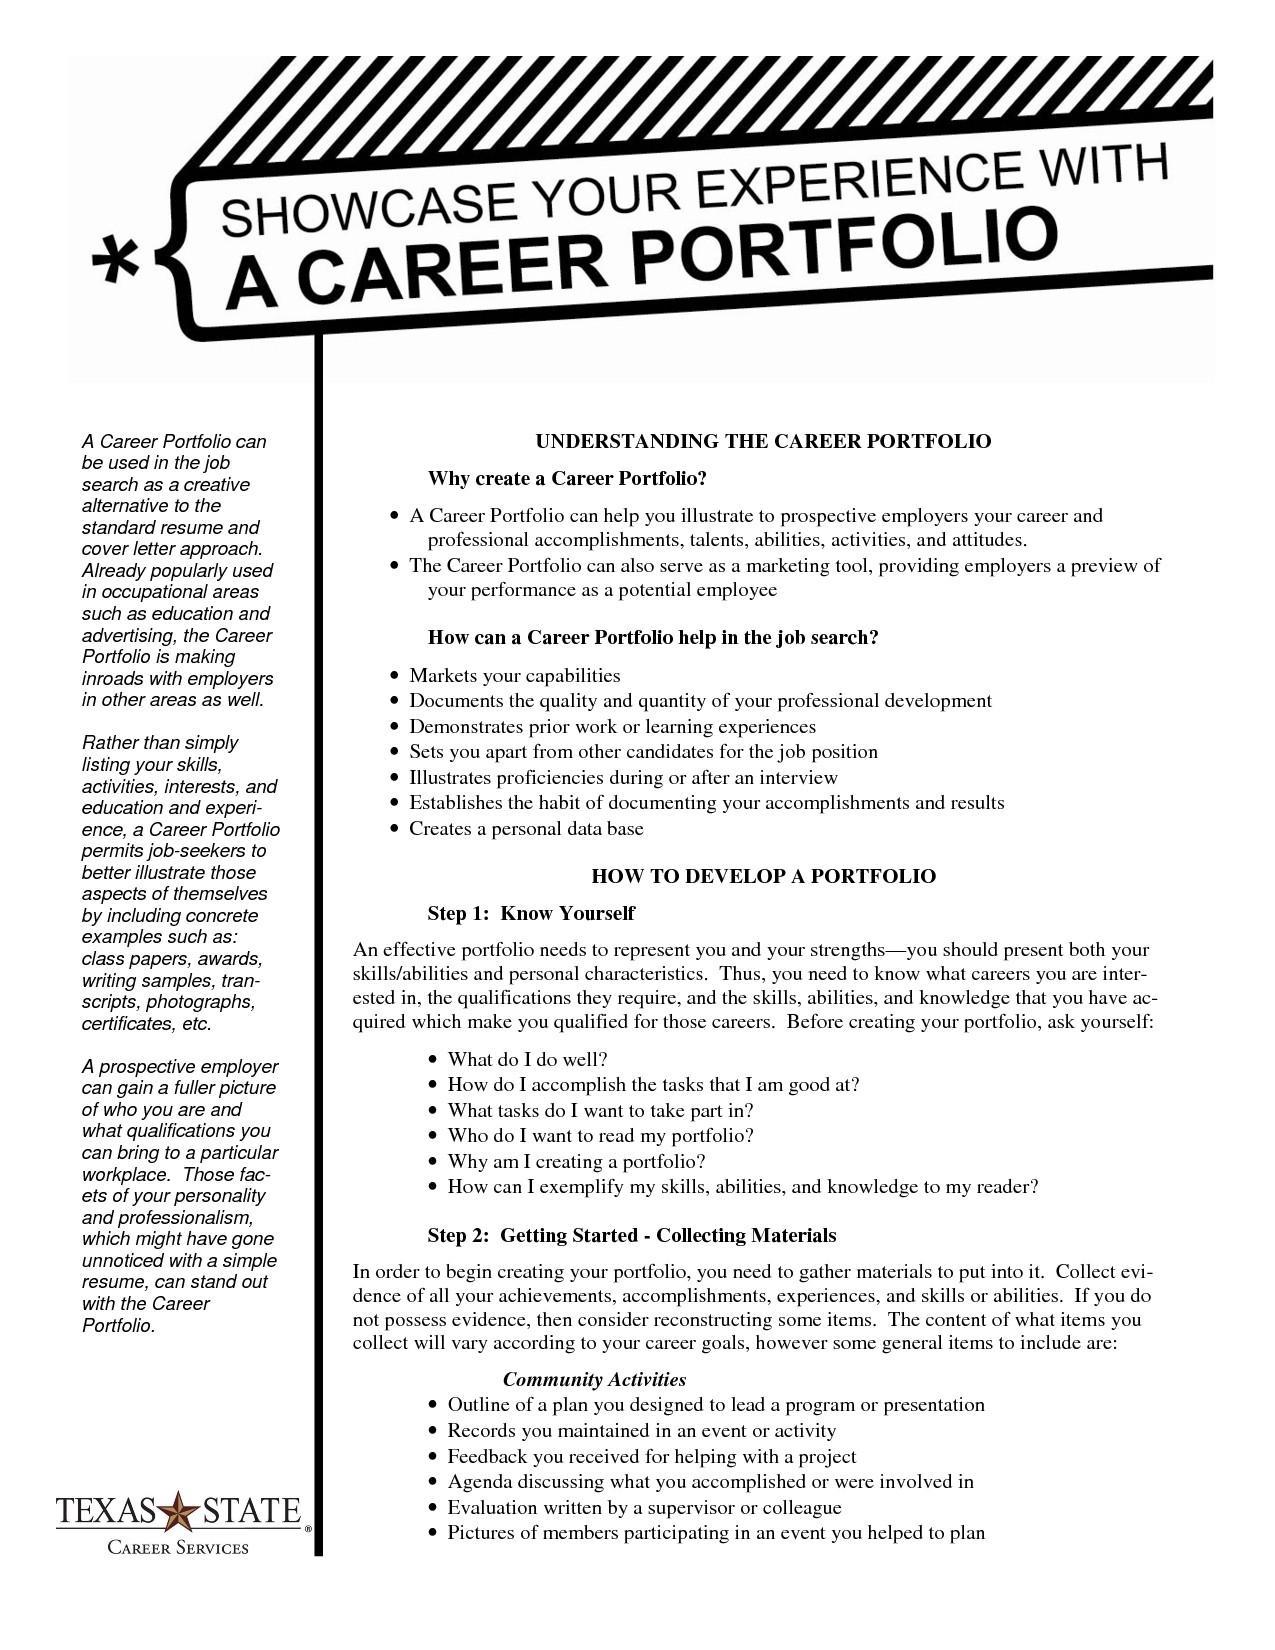 Career Portfolio Templates